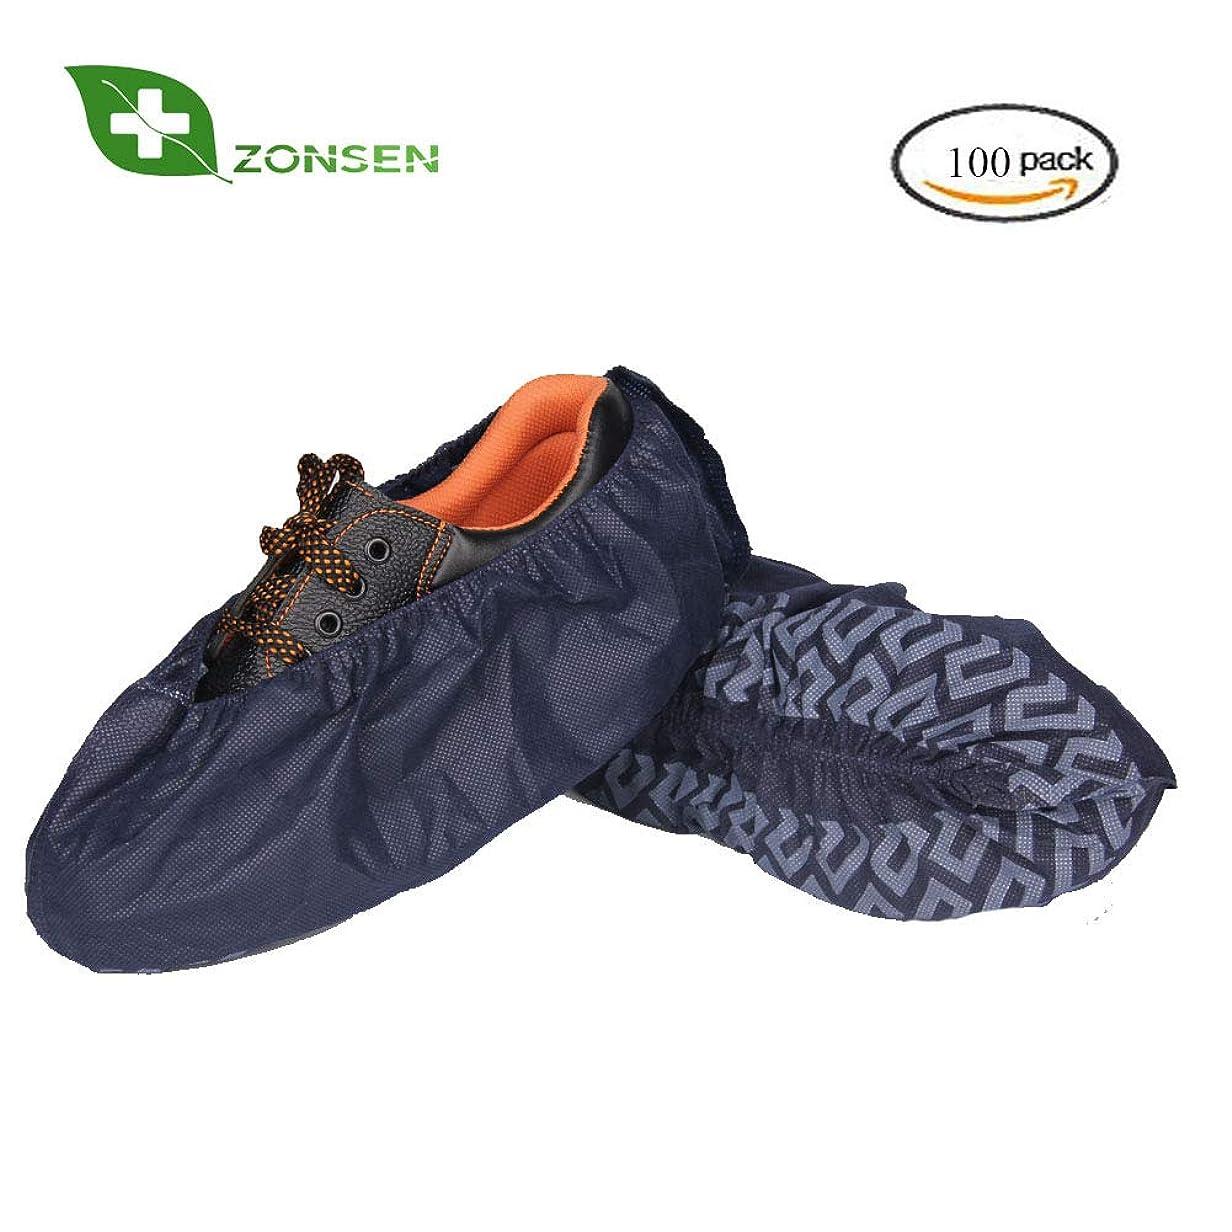 に対処する佐賀地図Zonsen使い捨てブーツ&シューズカバー, シューズカバー 使い捨て 厚手 不織布 足カバー 100枚 セット (ダークブルー)